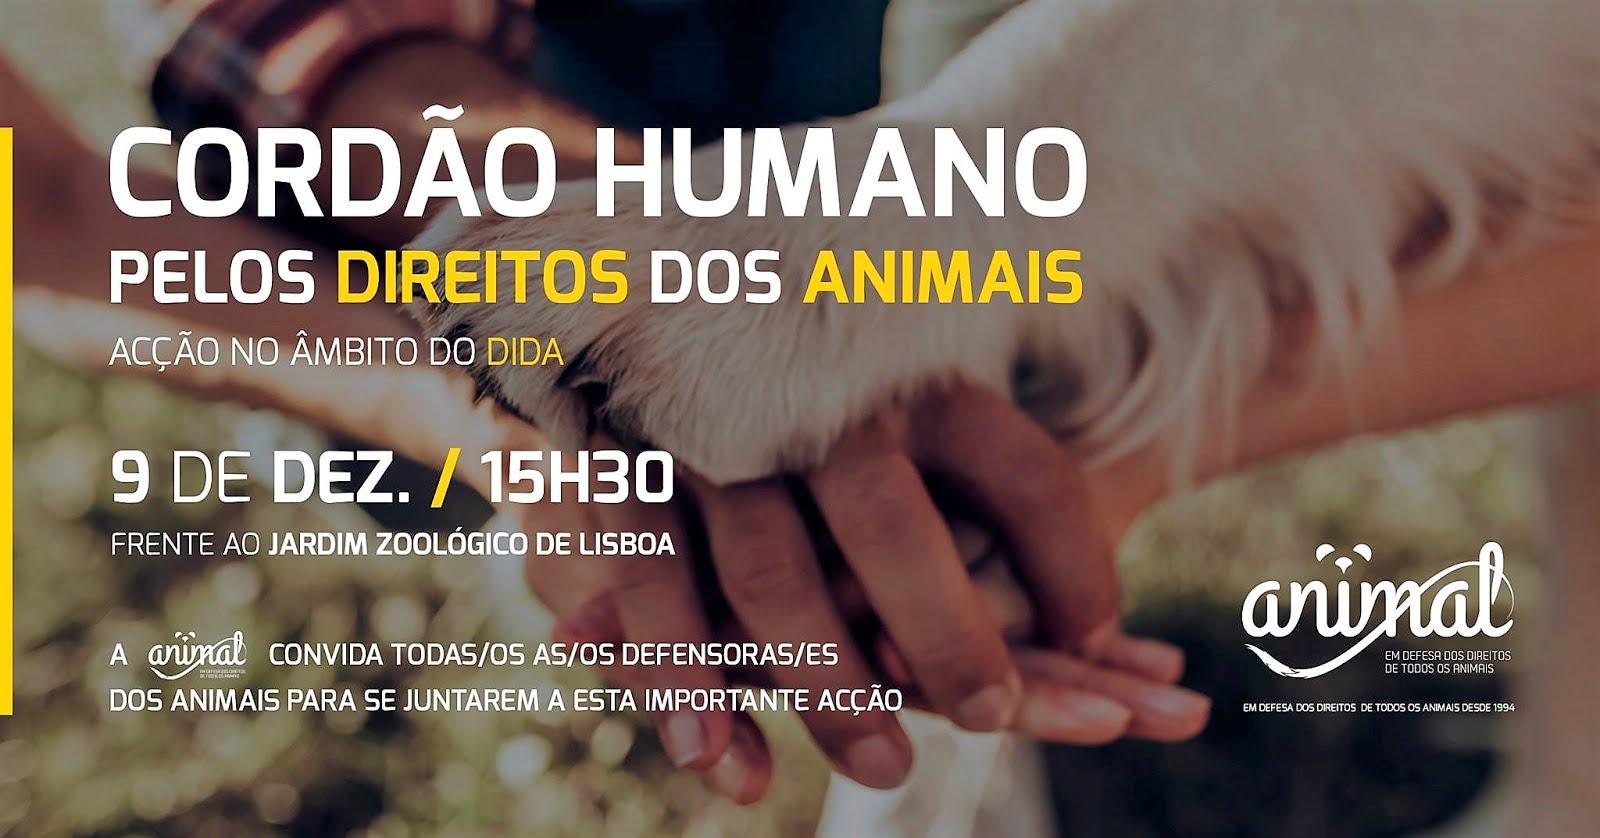 9 de dezembro, 15h30: Lisboa